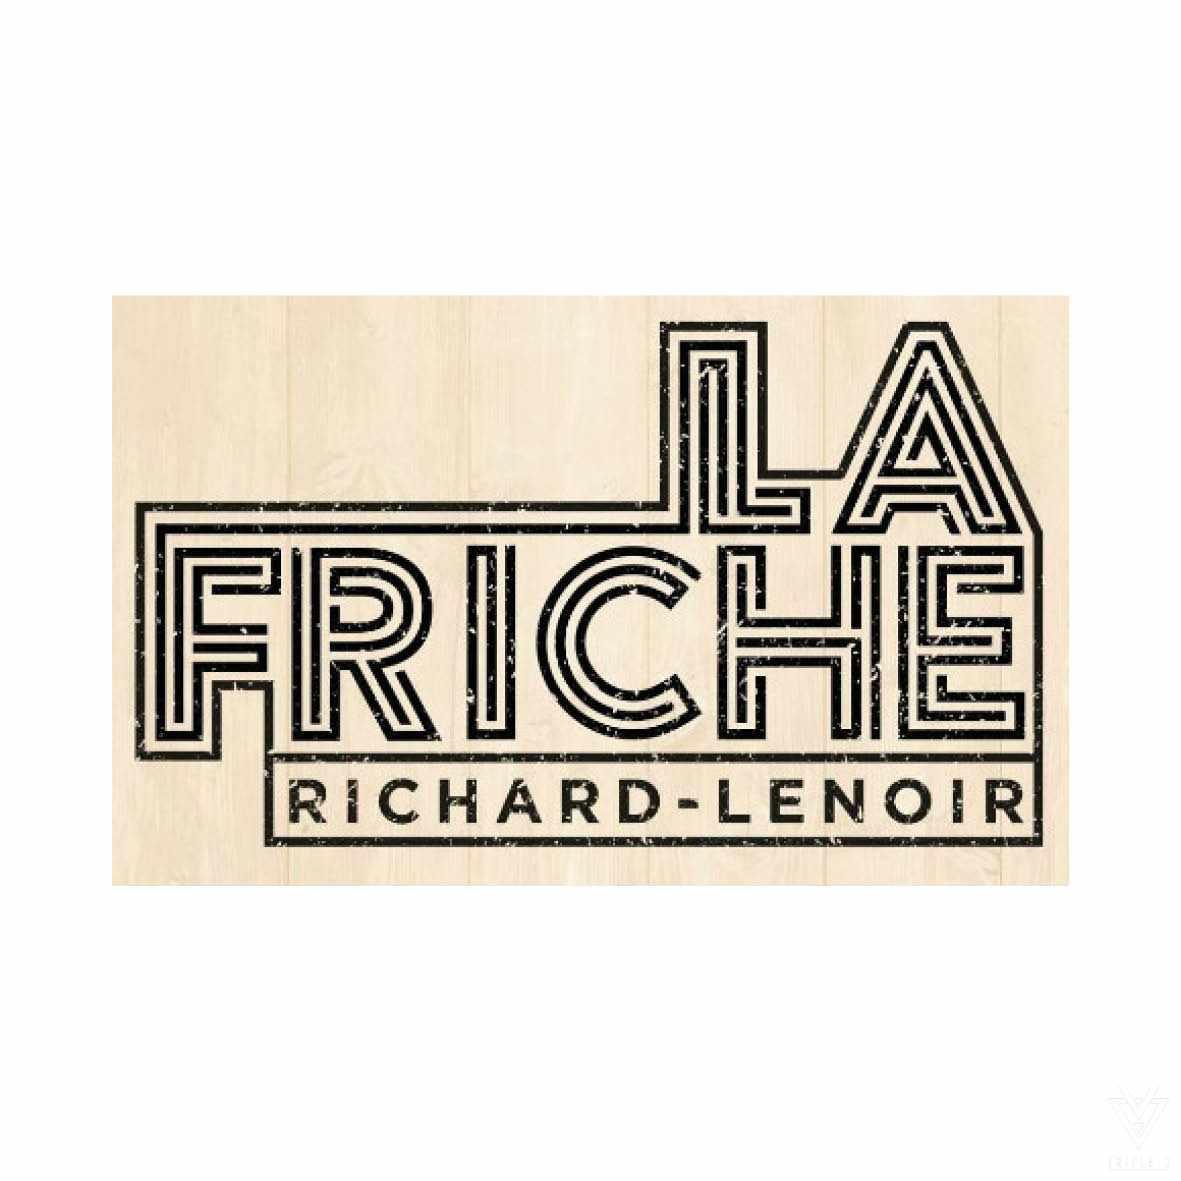 La Friche Richard Lenoir